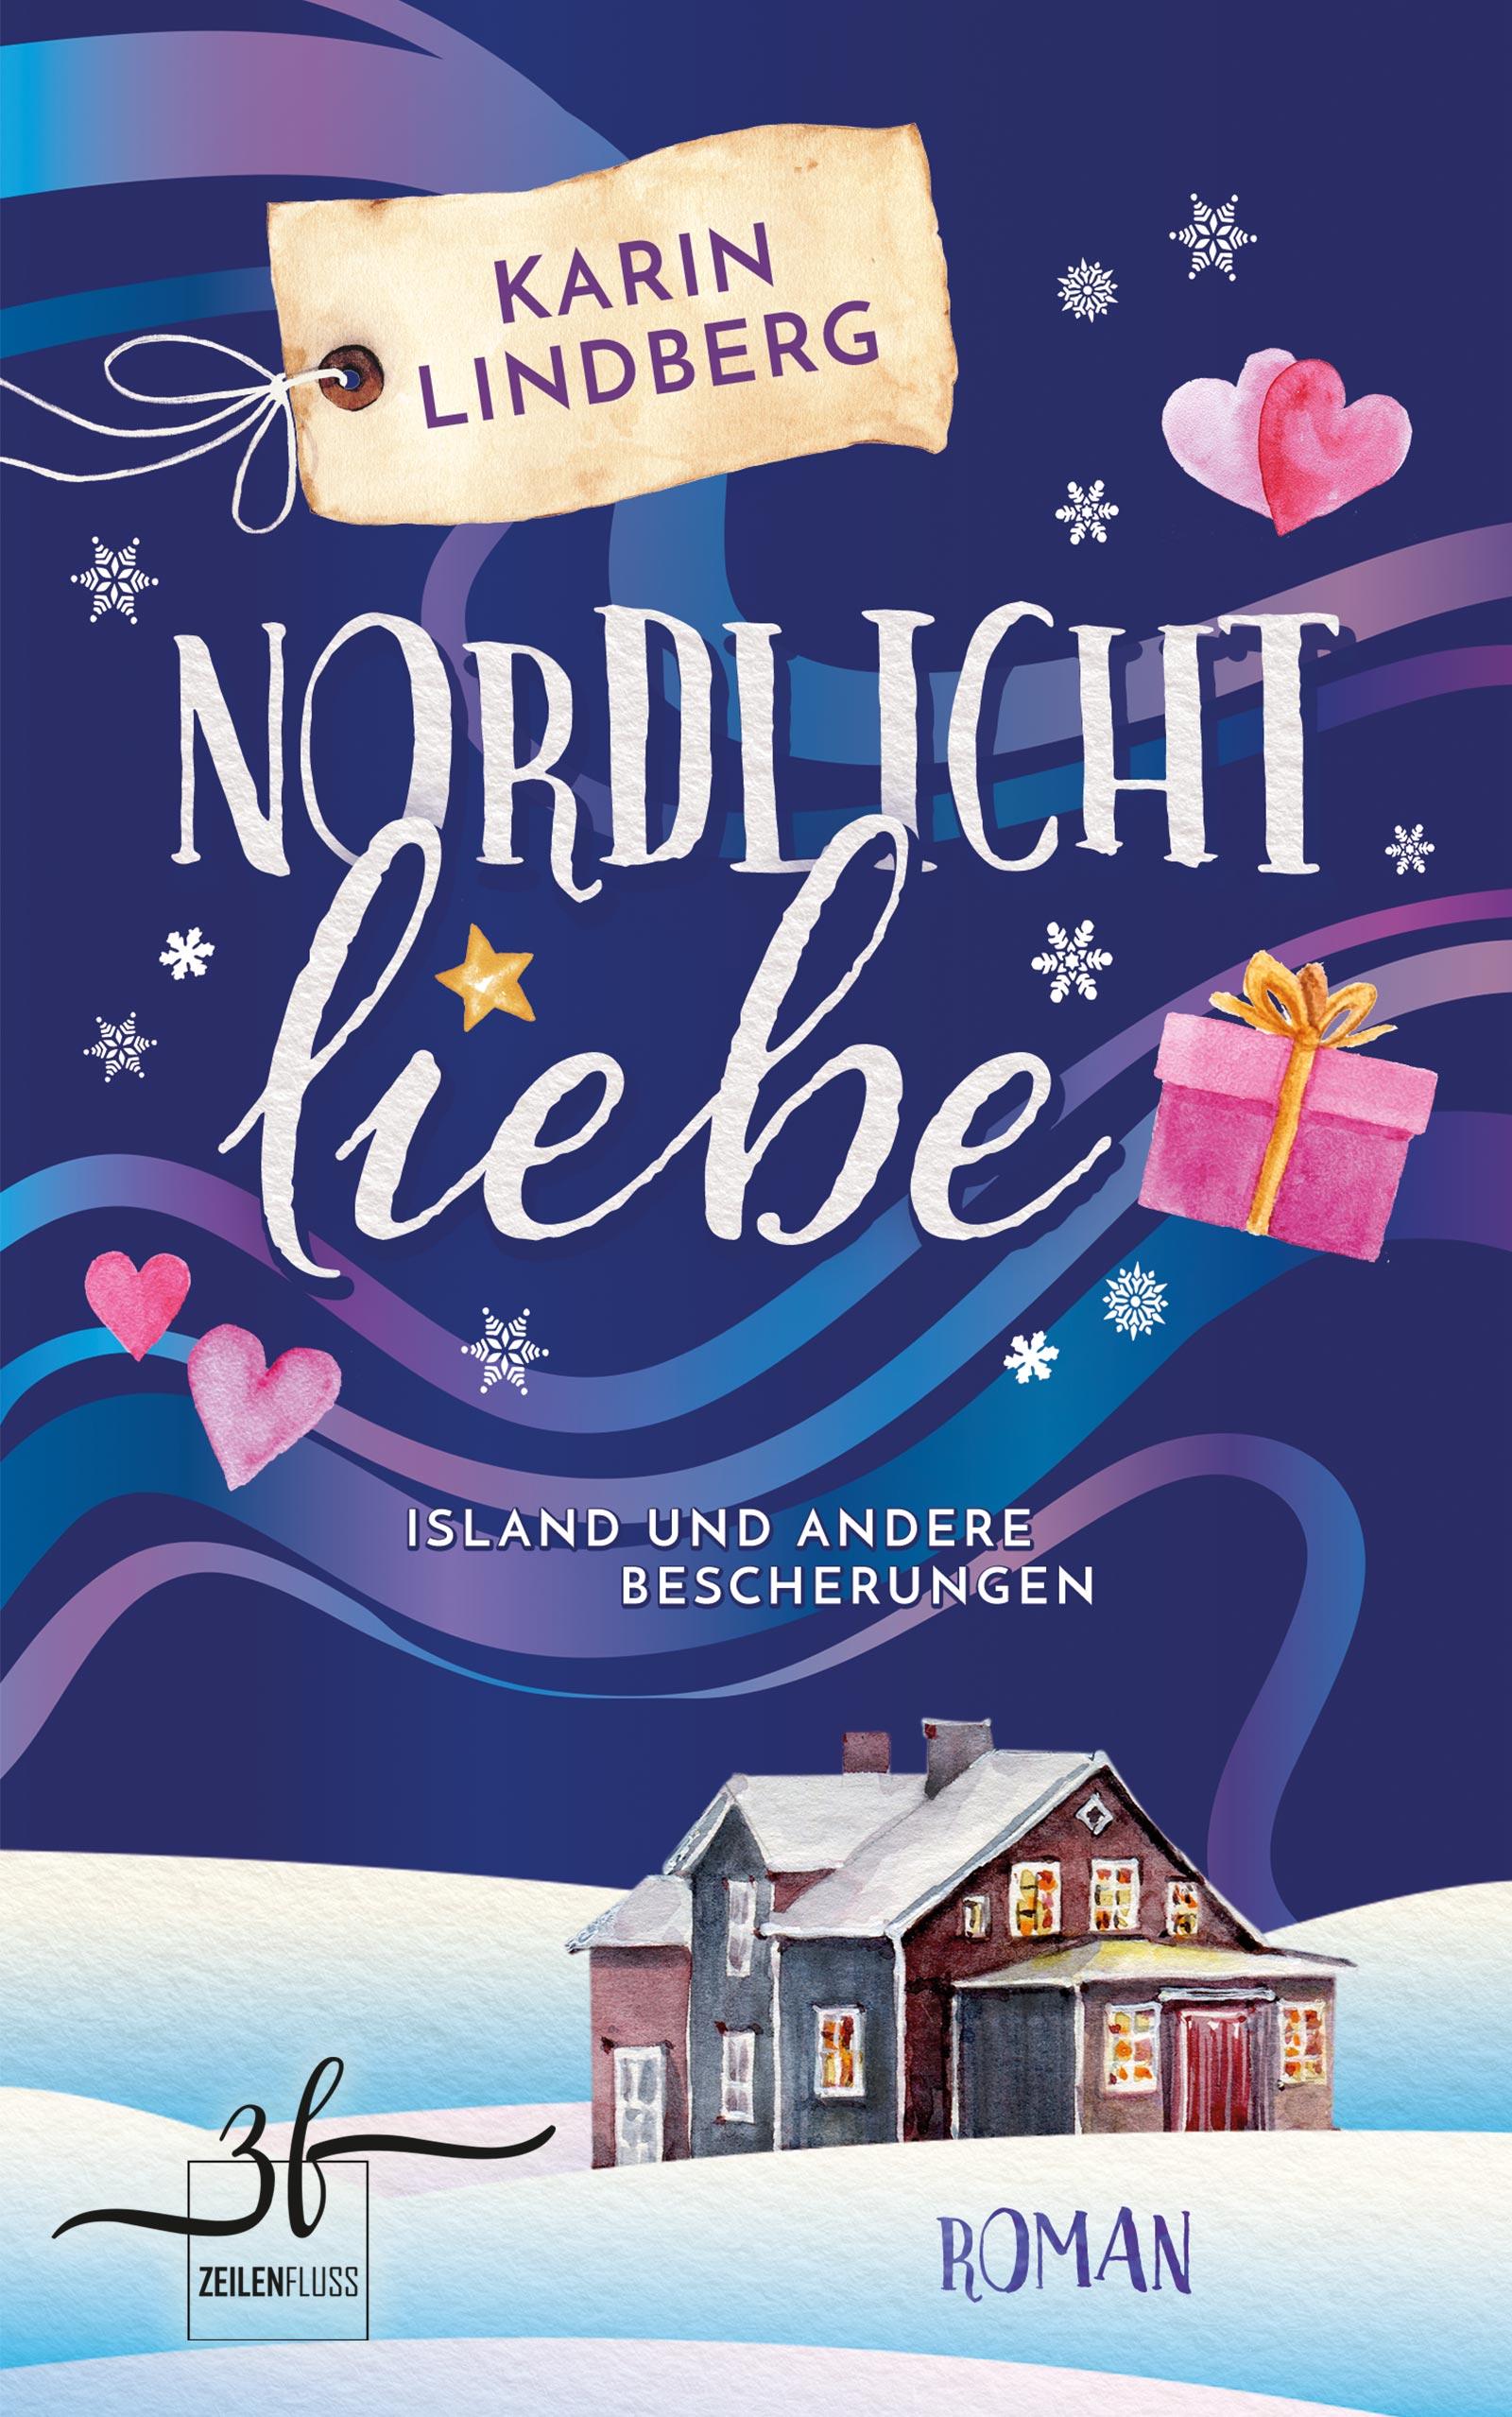 Klein-Nordlichtliebe-ebook-02-CK.jpg